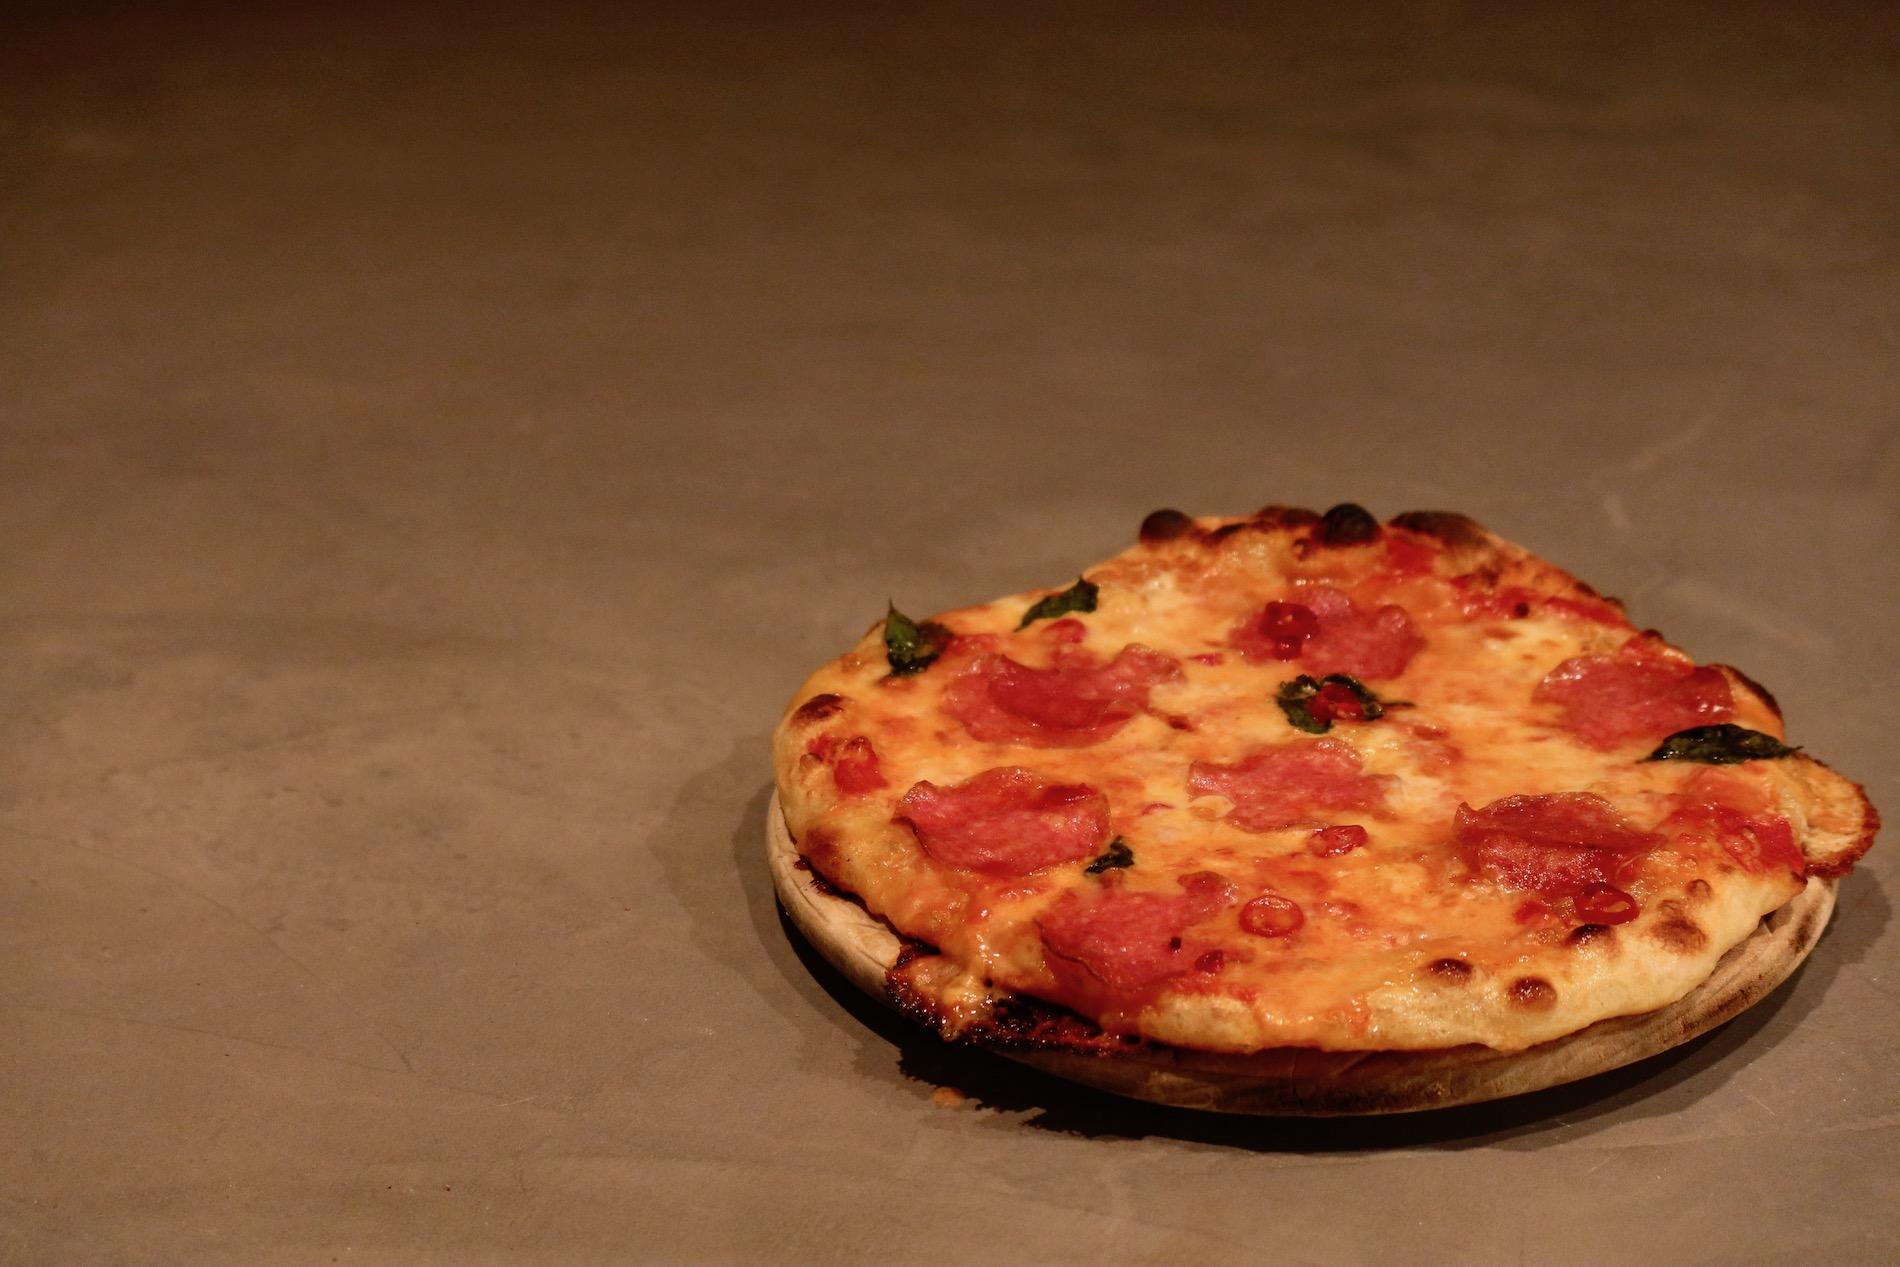 Tazzi Pizza